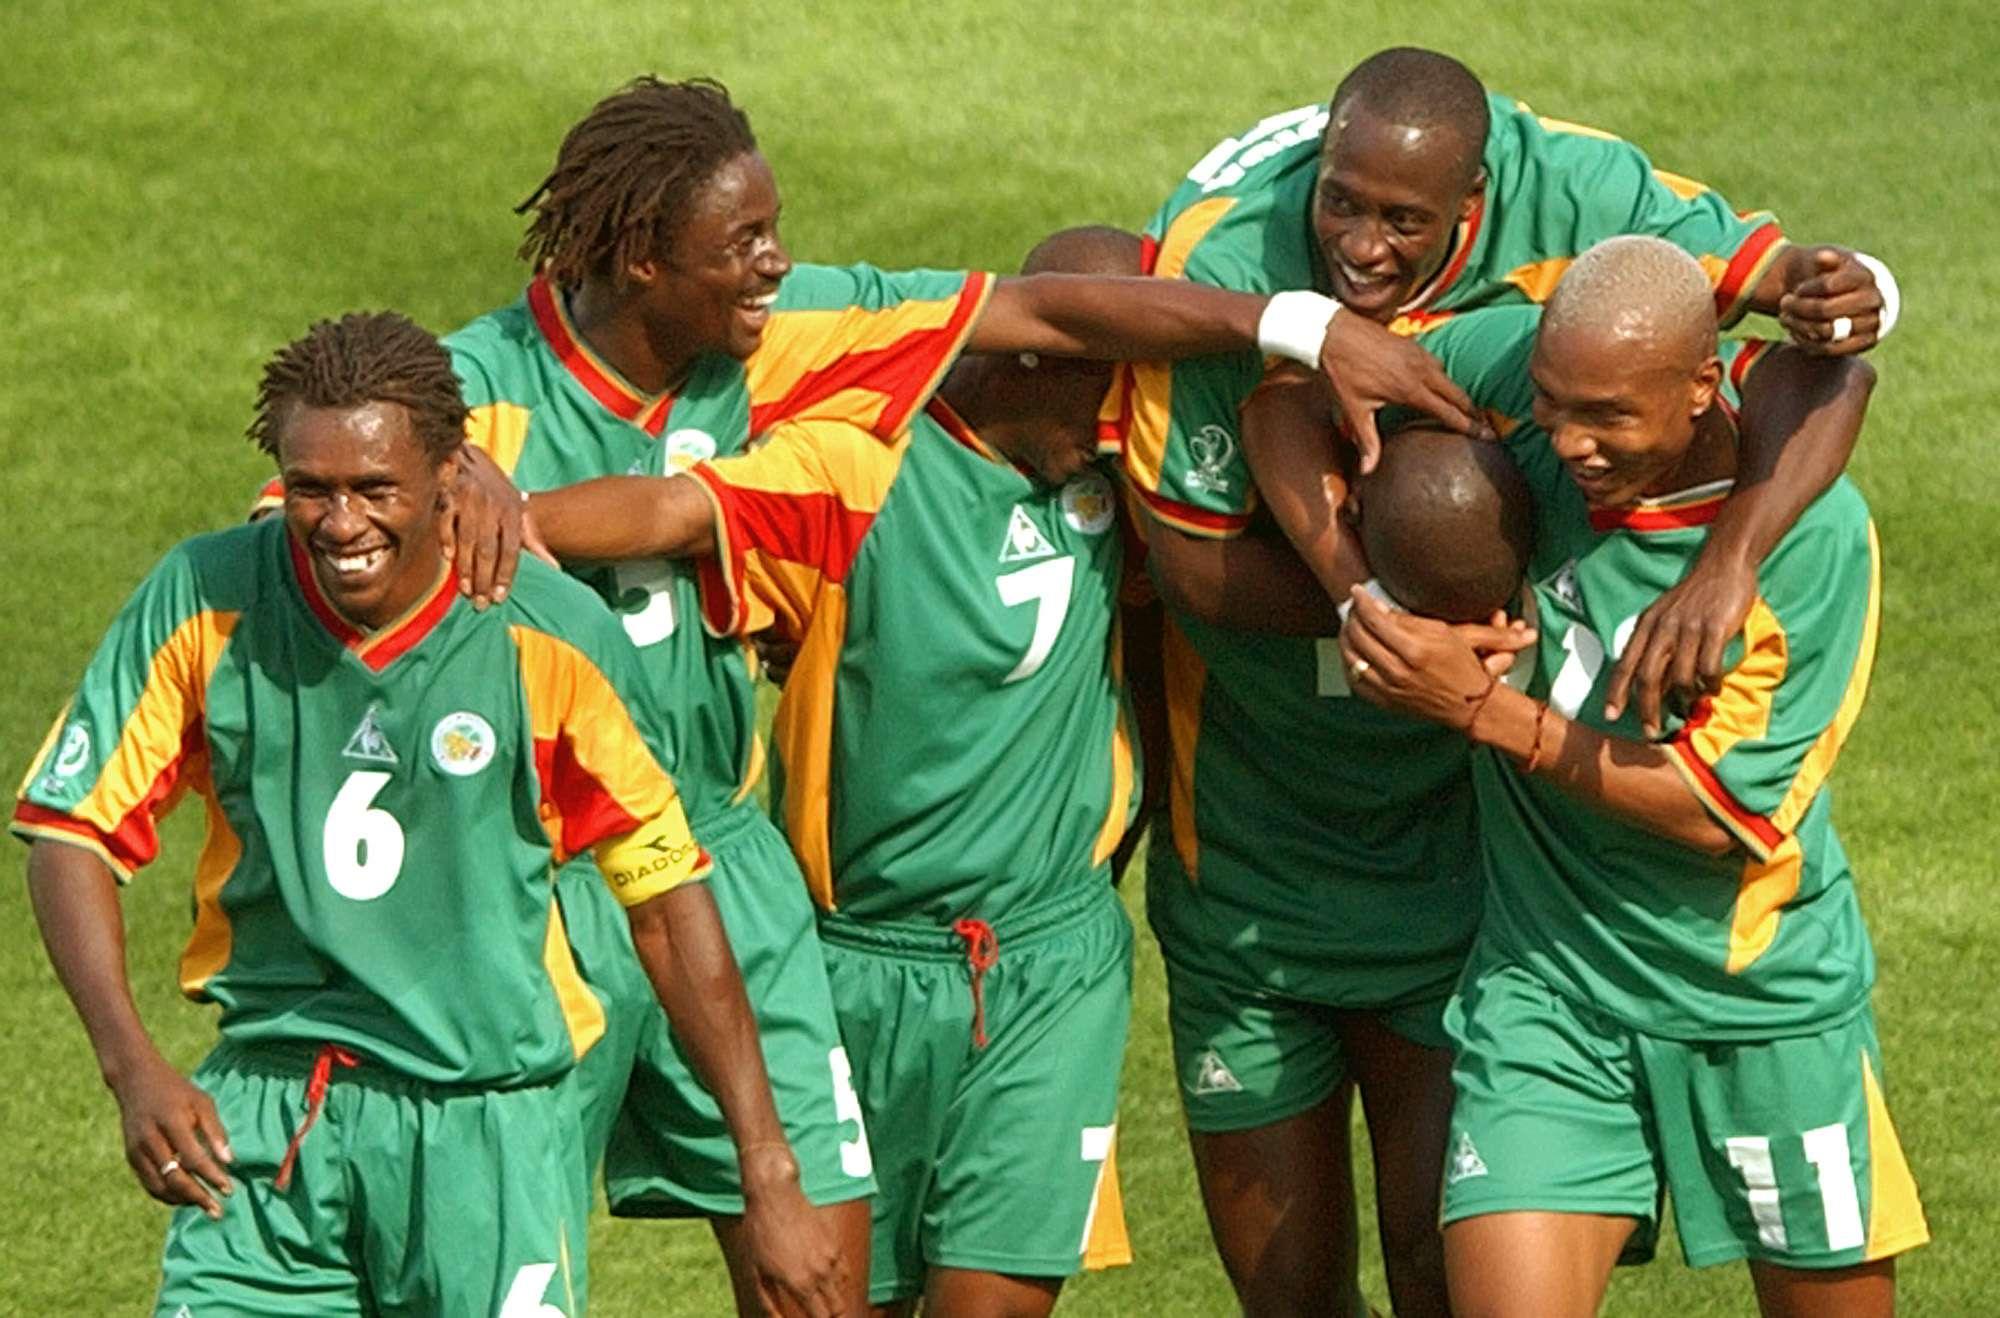 Les joueurs sénégalais (de gauche à droite) Aliou Cissé, Alassane Ndour, Henri Camara, Khalilou Fadiga, Papa Bouba Diop et El Hadji Diouf, au Mondial 2002 contre l'Uruguay.